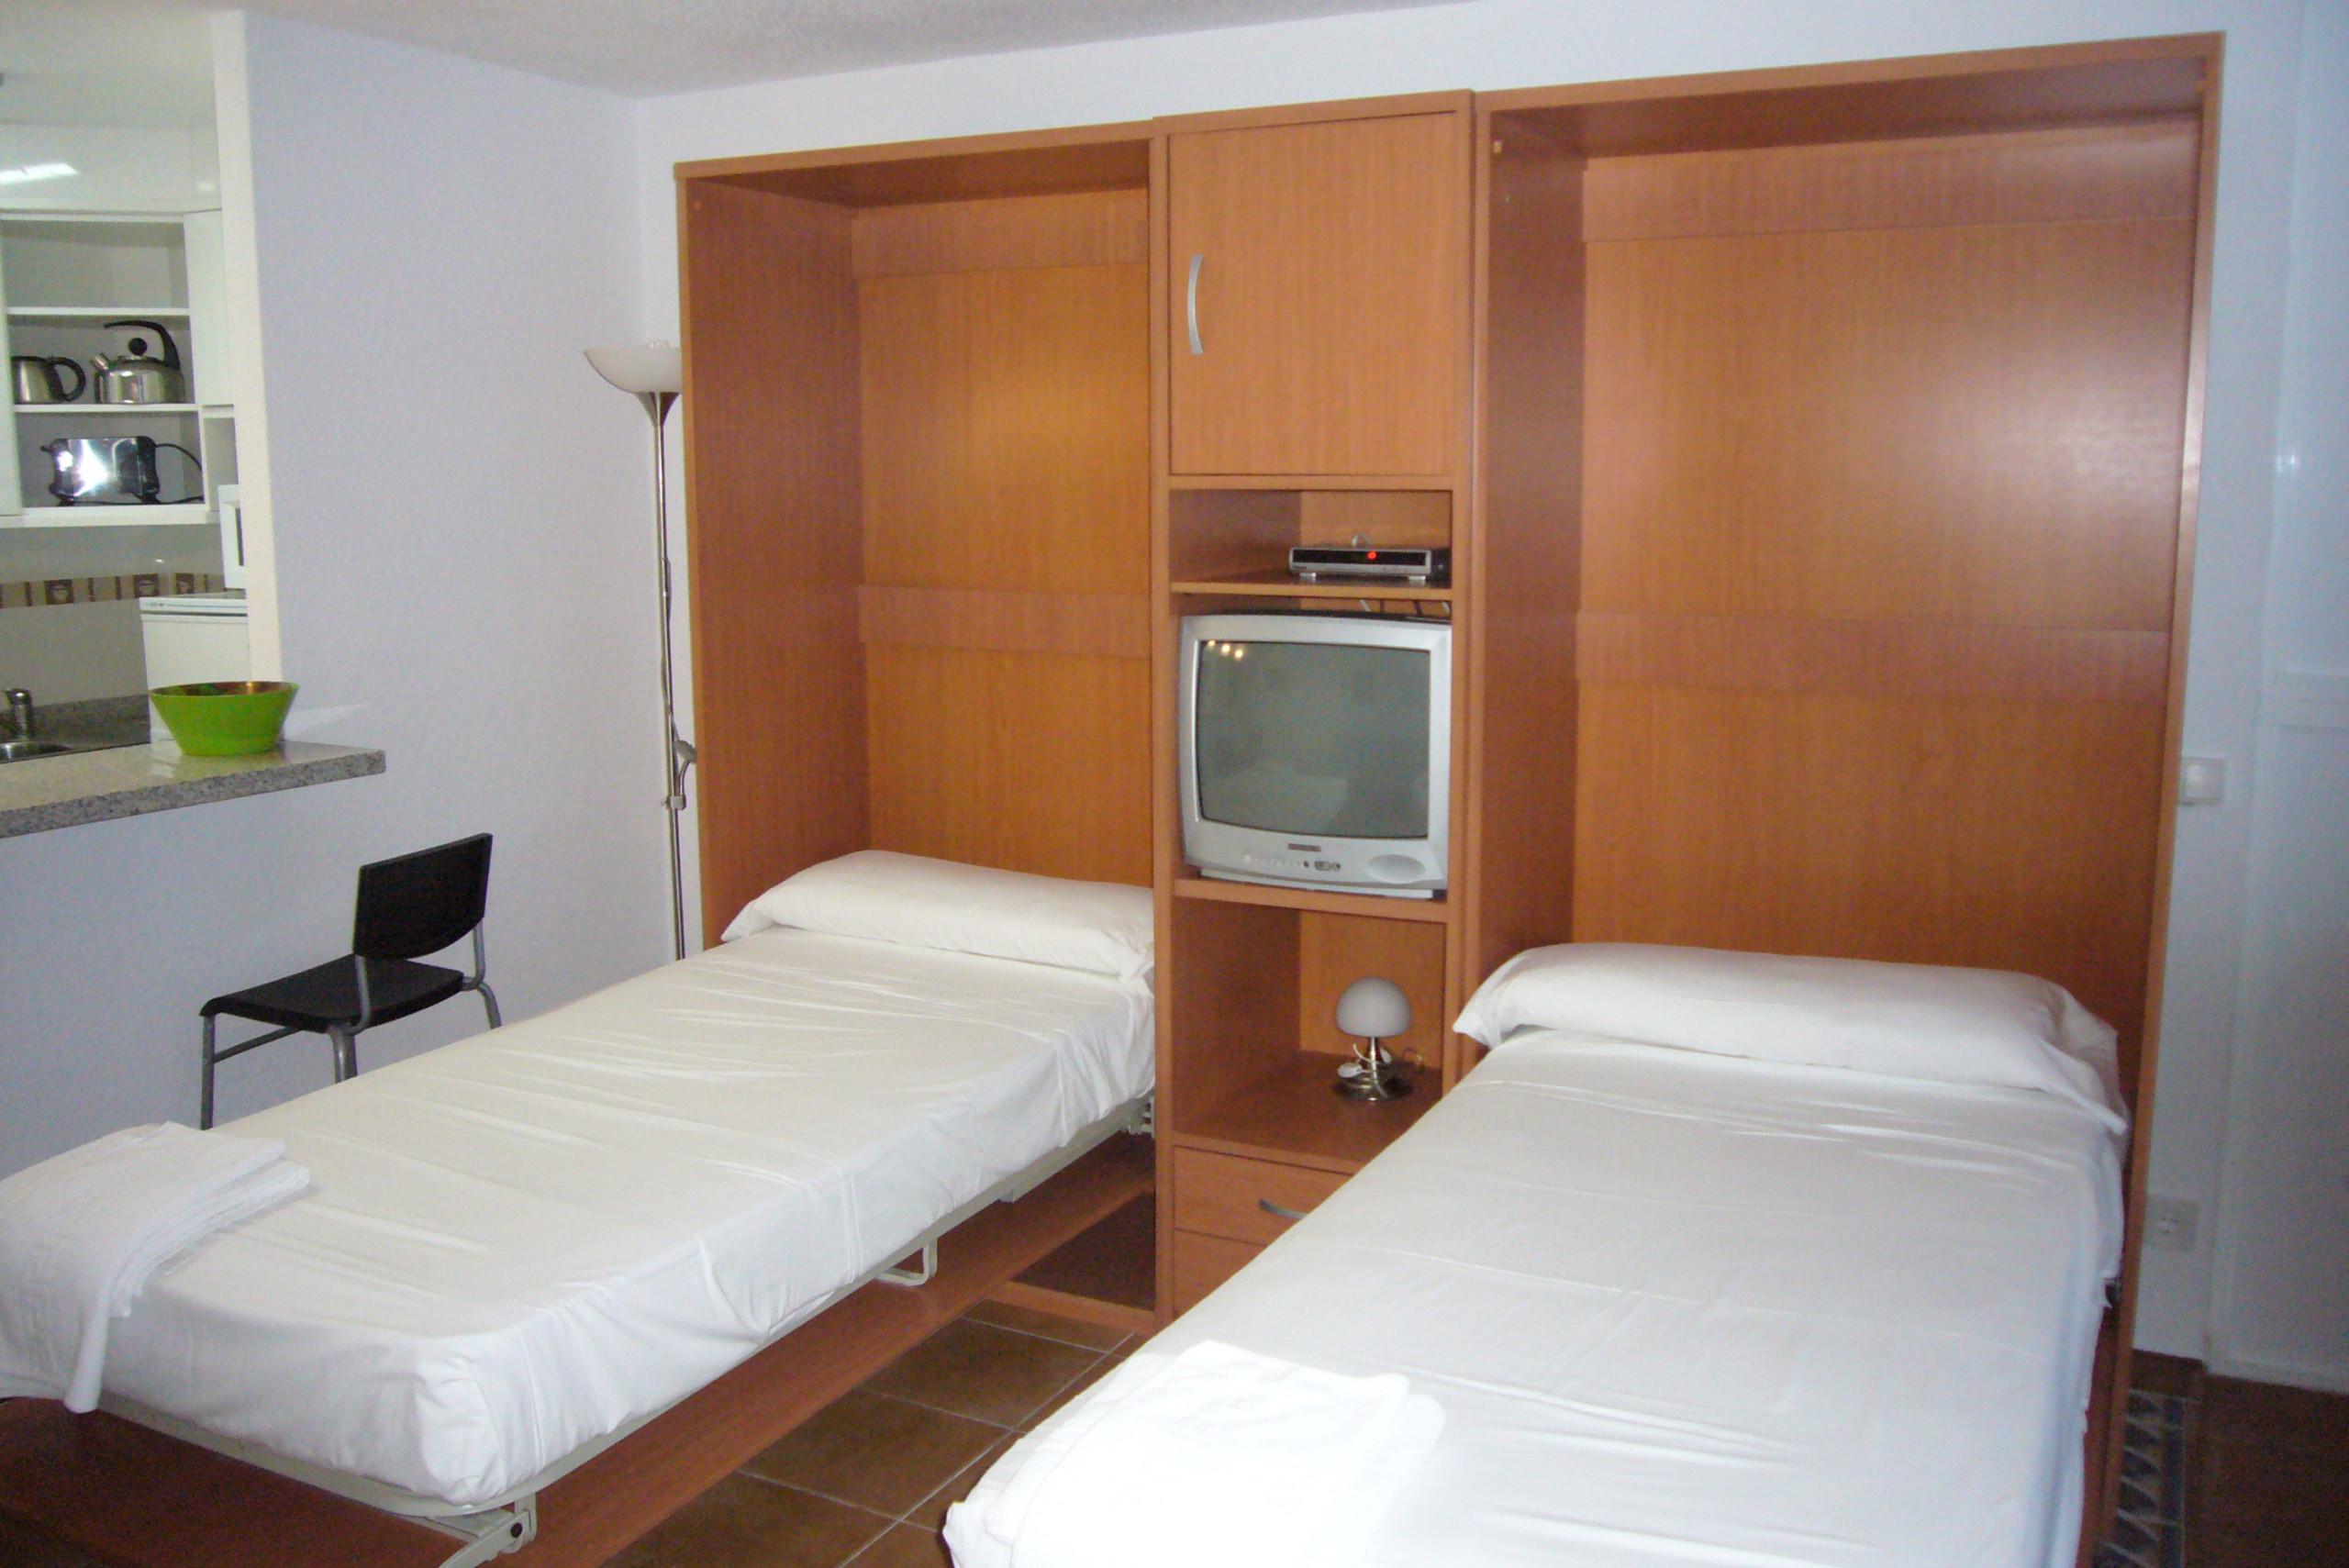 Studios in benidorm las palmeras estudio 2 dormitorios for Dormitorio estudio